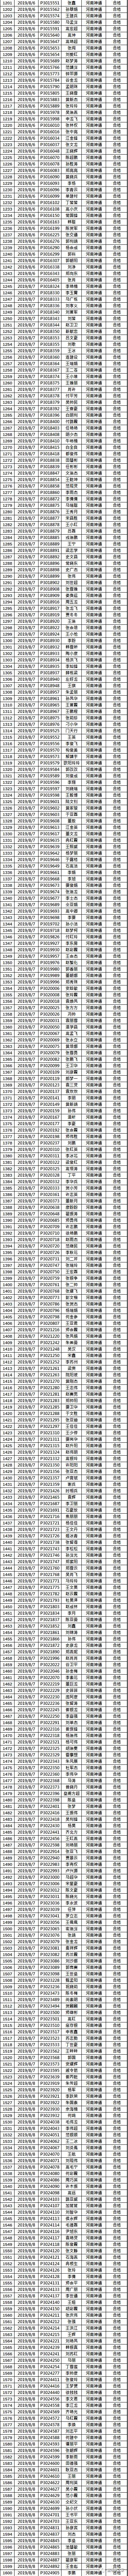 郑州港区富士康【神通&永兴和】合格名单201911第一期-富智迈